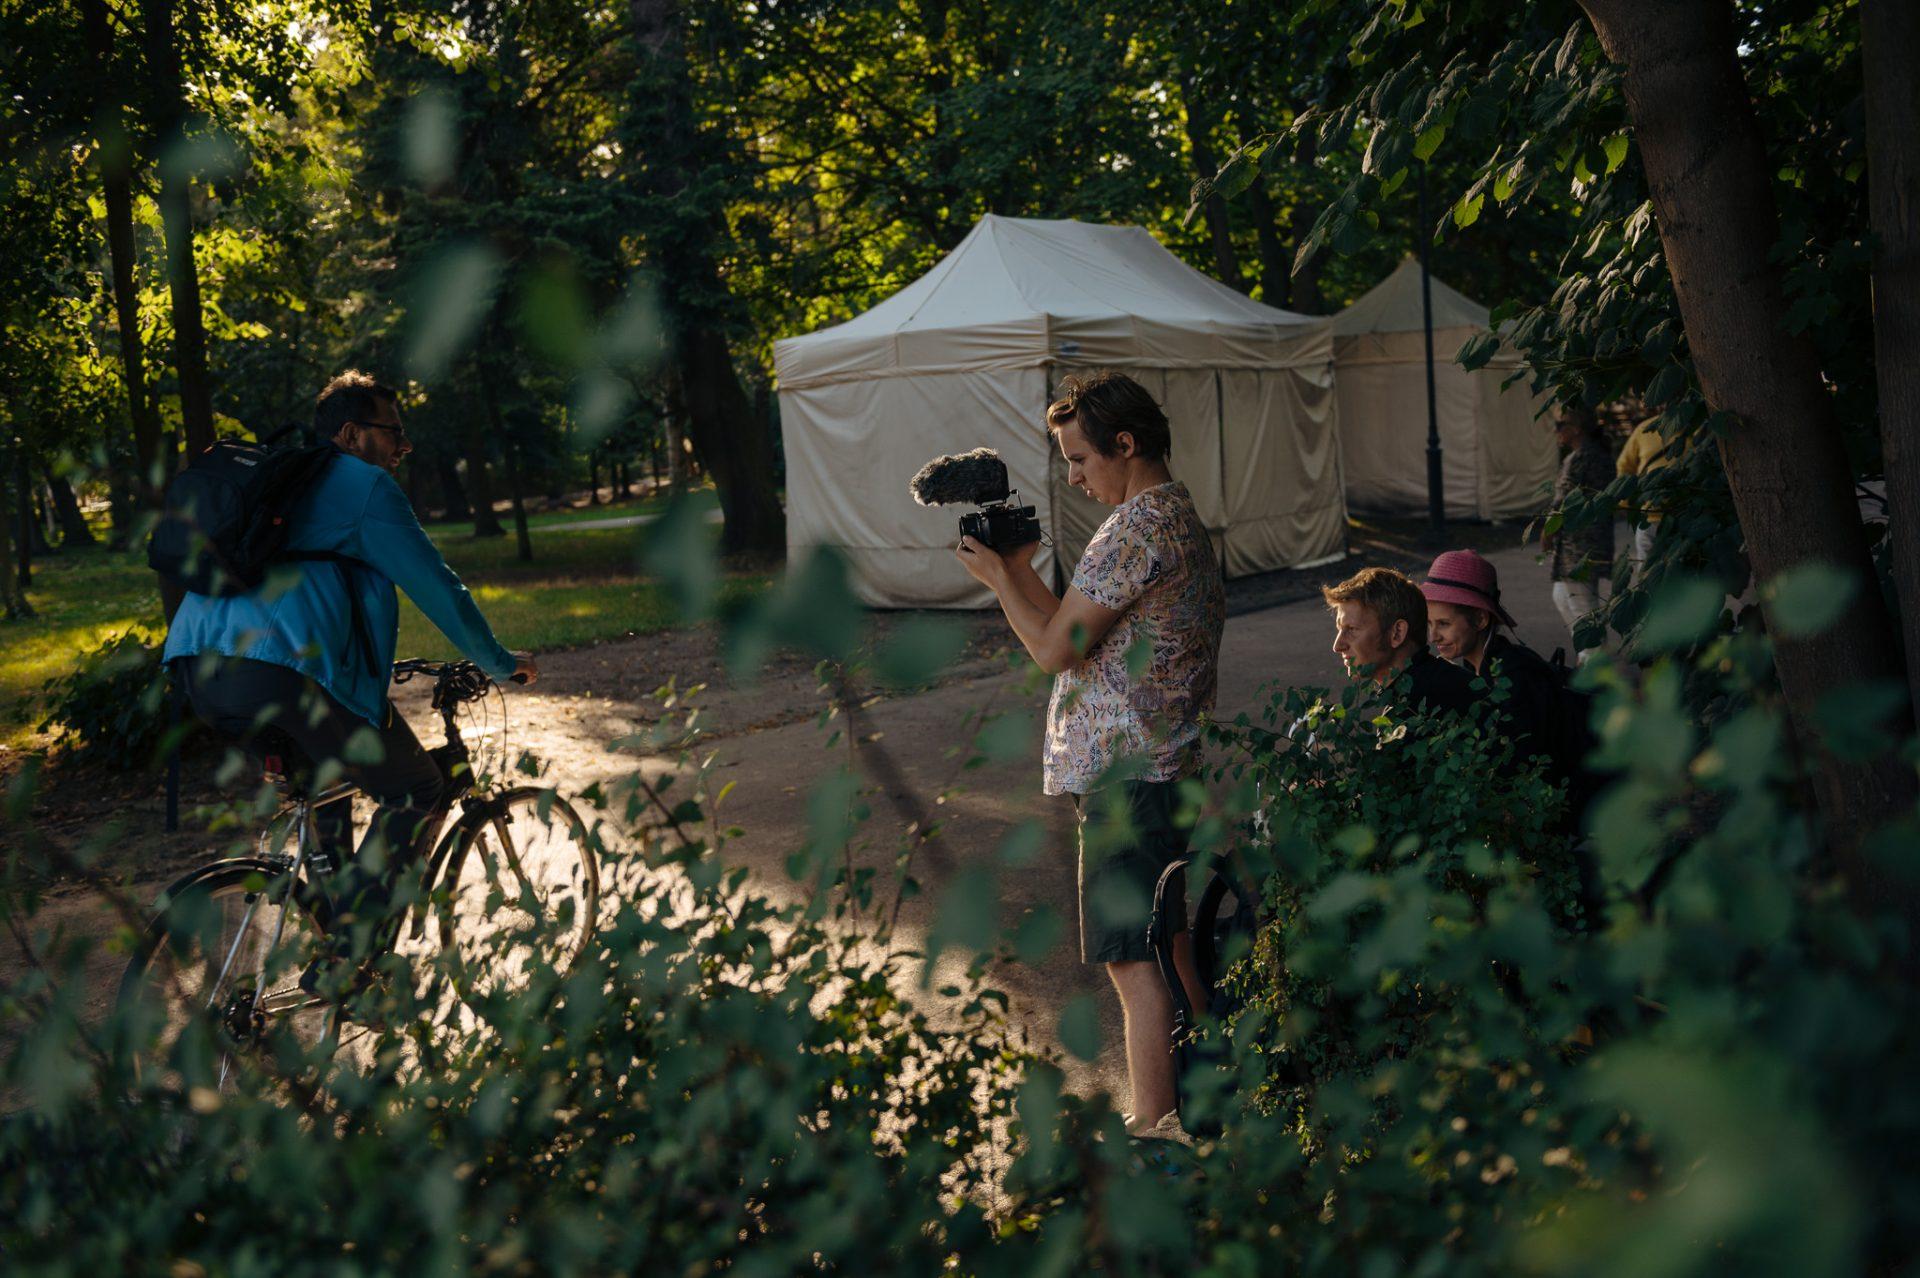 Park miejski latem, w głównym planie młody mężczyzna nagrywa coś w skupieniu na kamerę